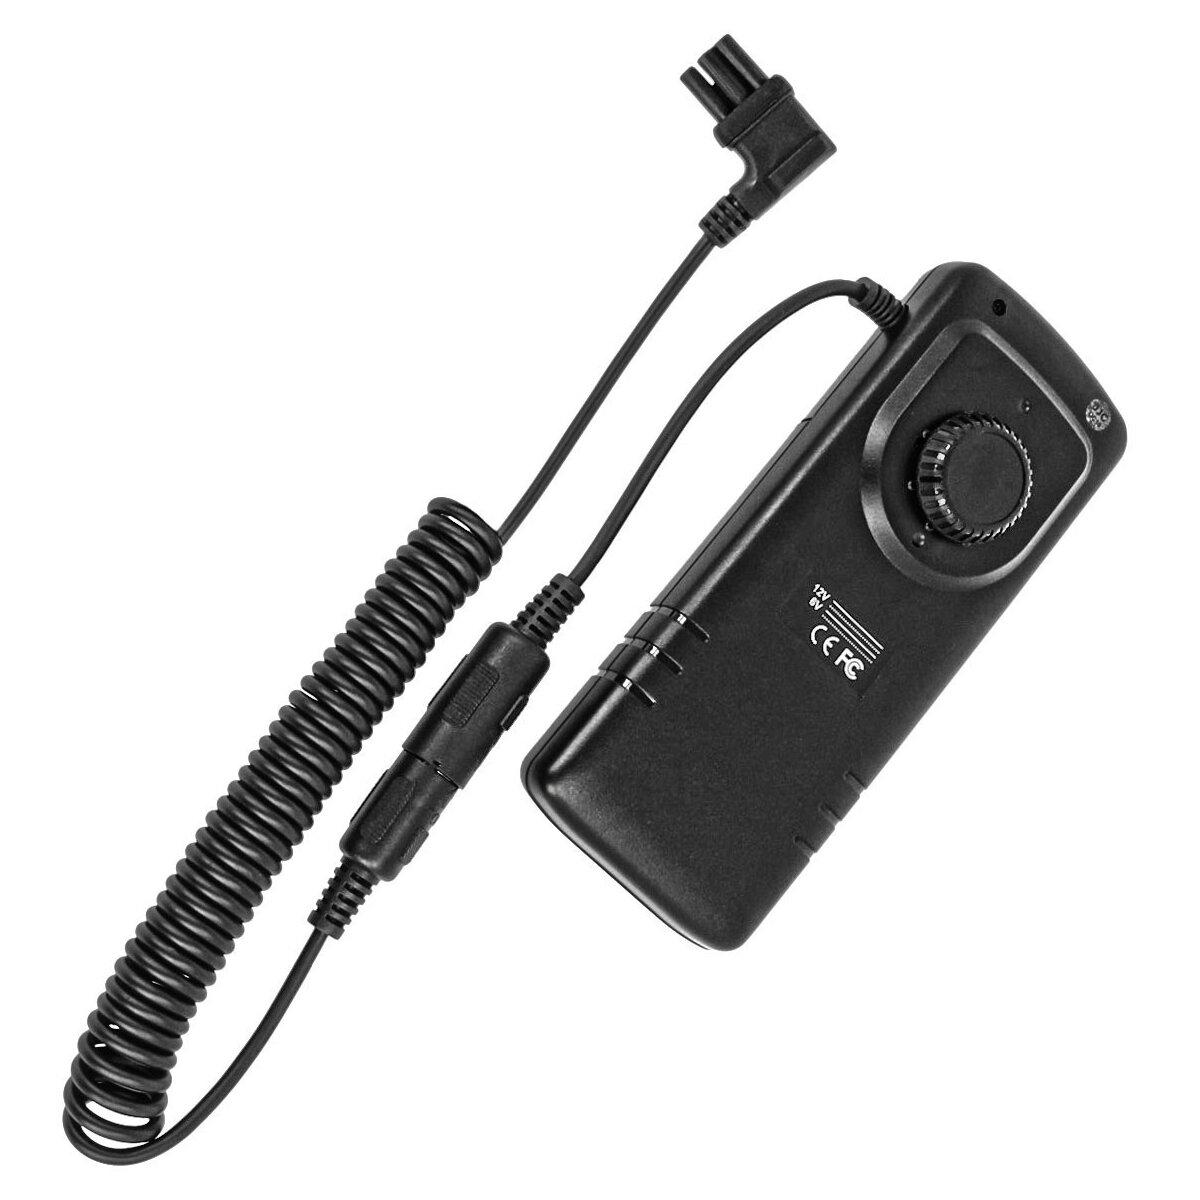 Externes Batteriepack Akkupack kompatibel mit Nikon SB-910,SB-900, SB-5000 Nissin Di866, Di866 Mark II, MG8000 - Ersatz für NIKON SD-9